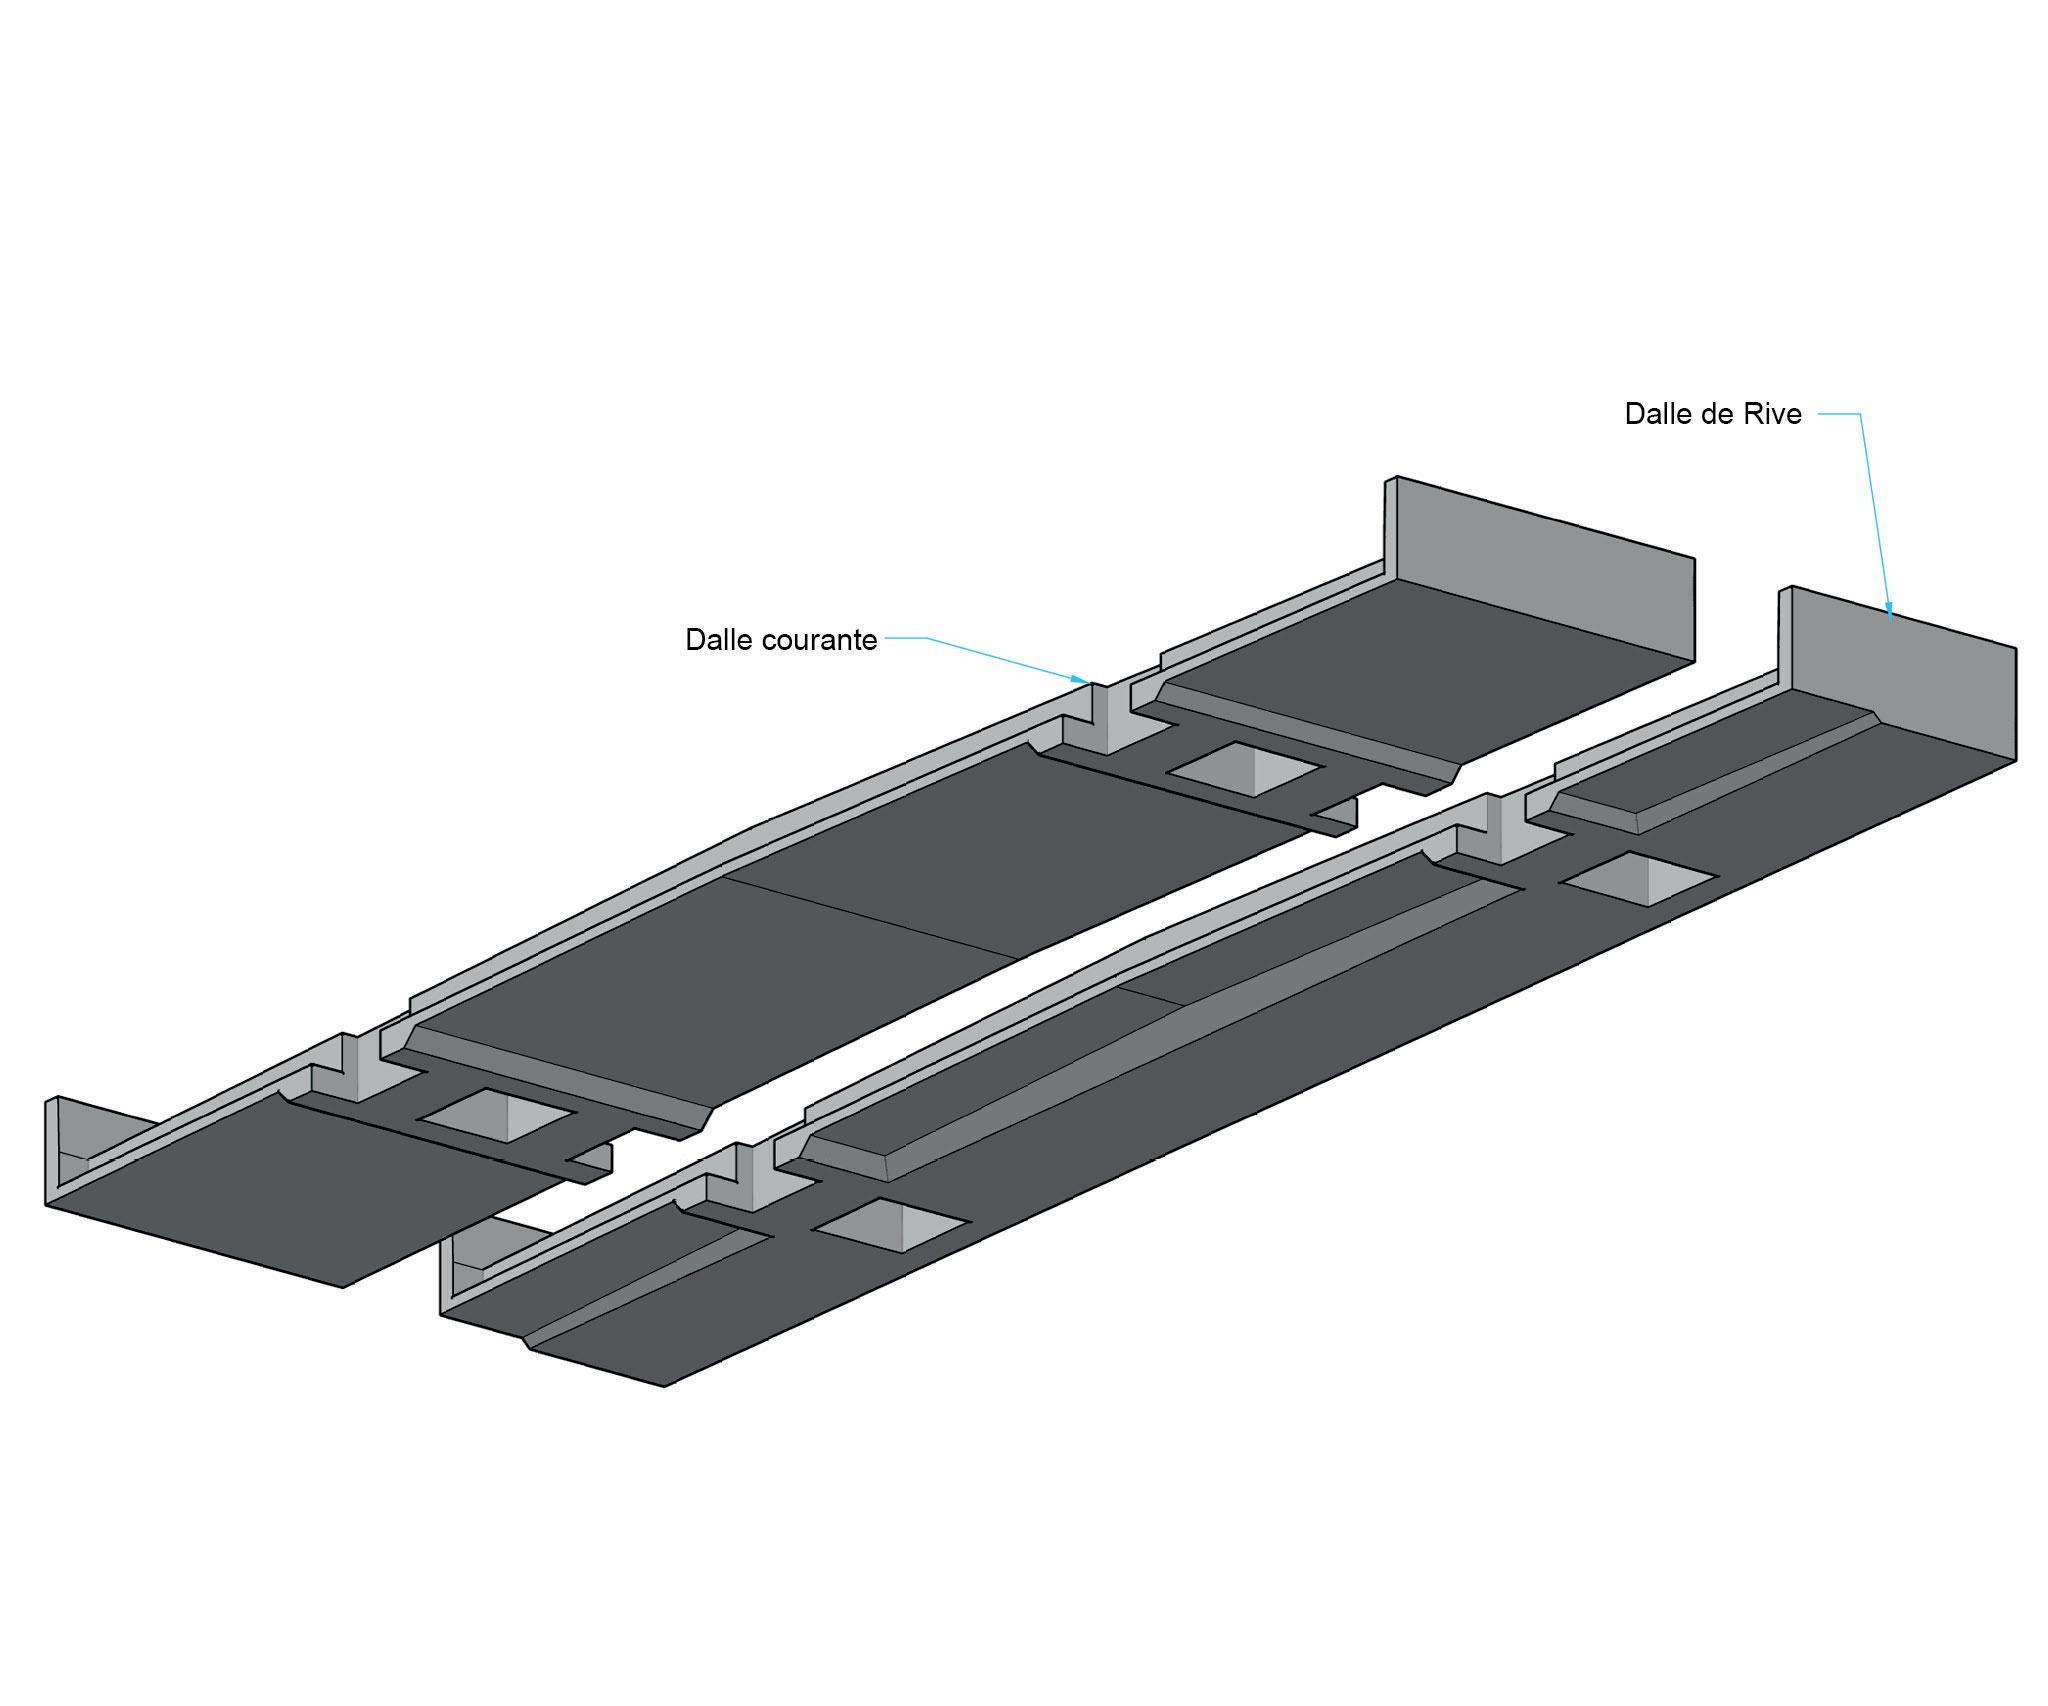 Dalles de ponts mixtes